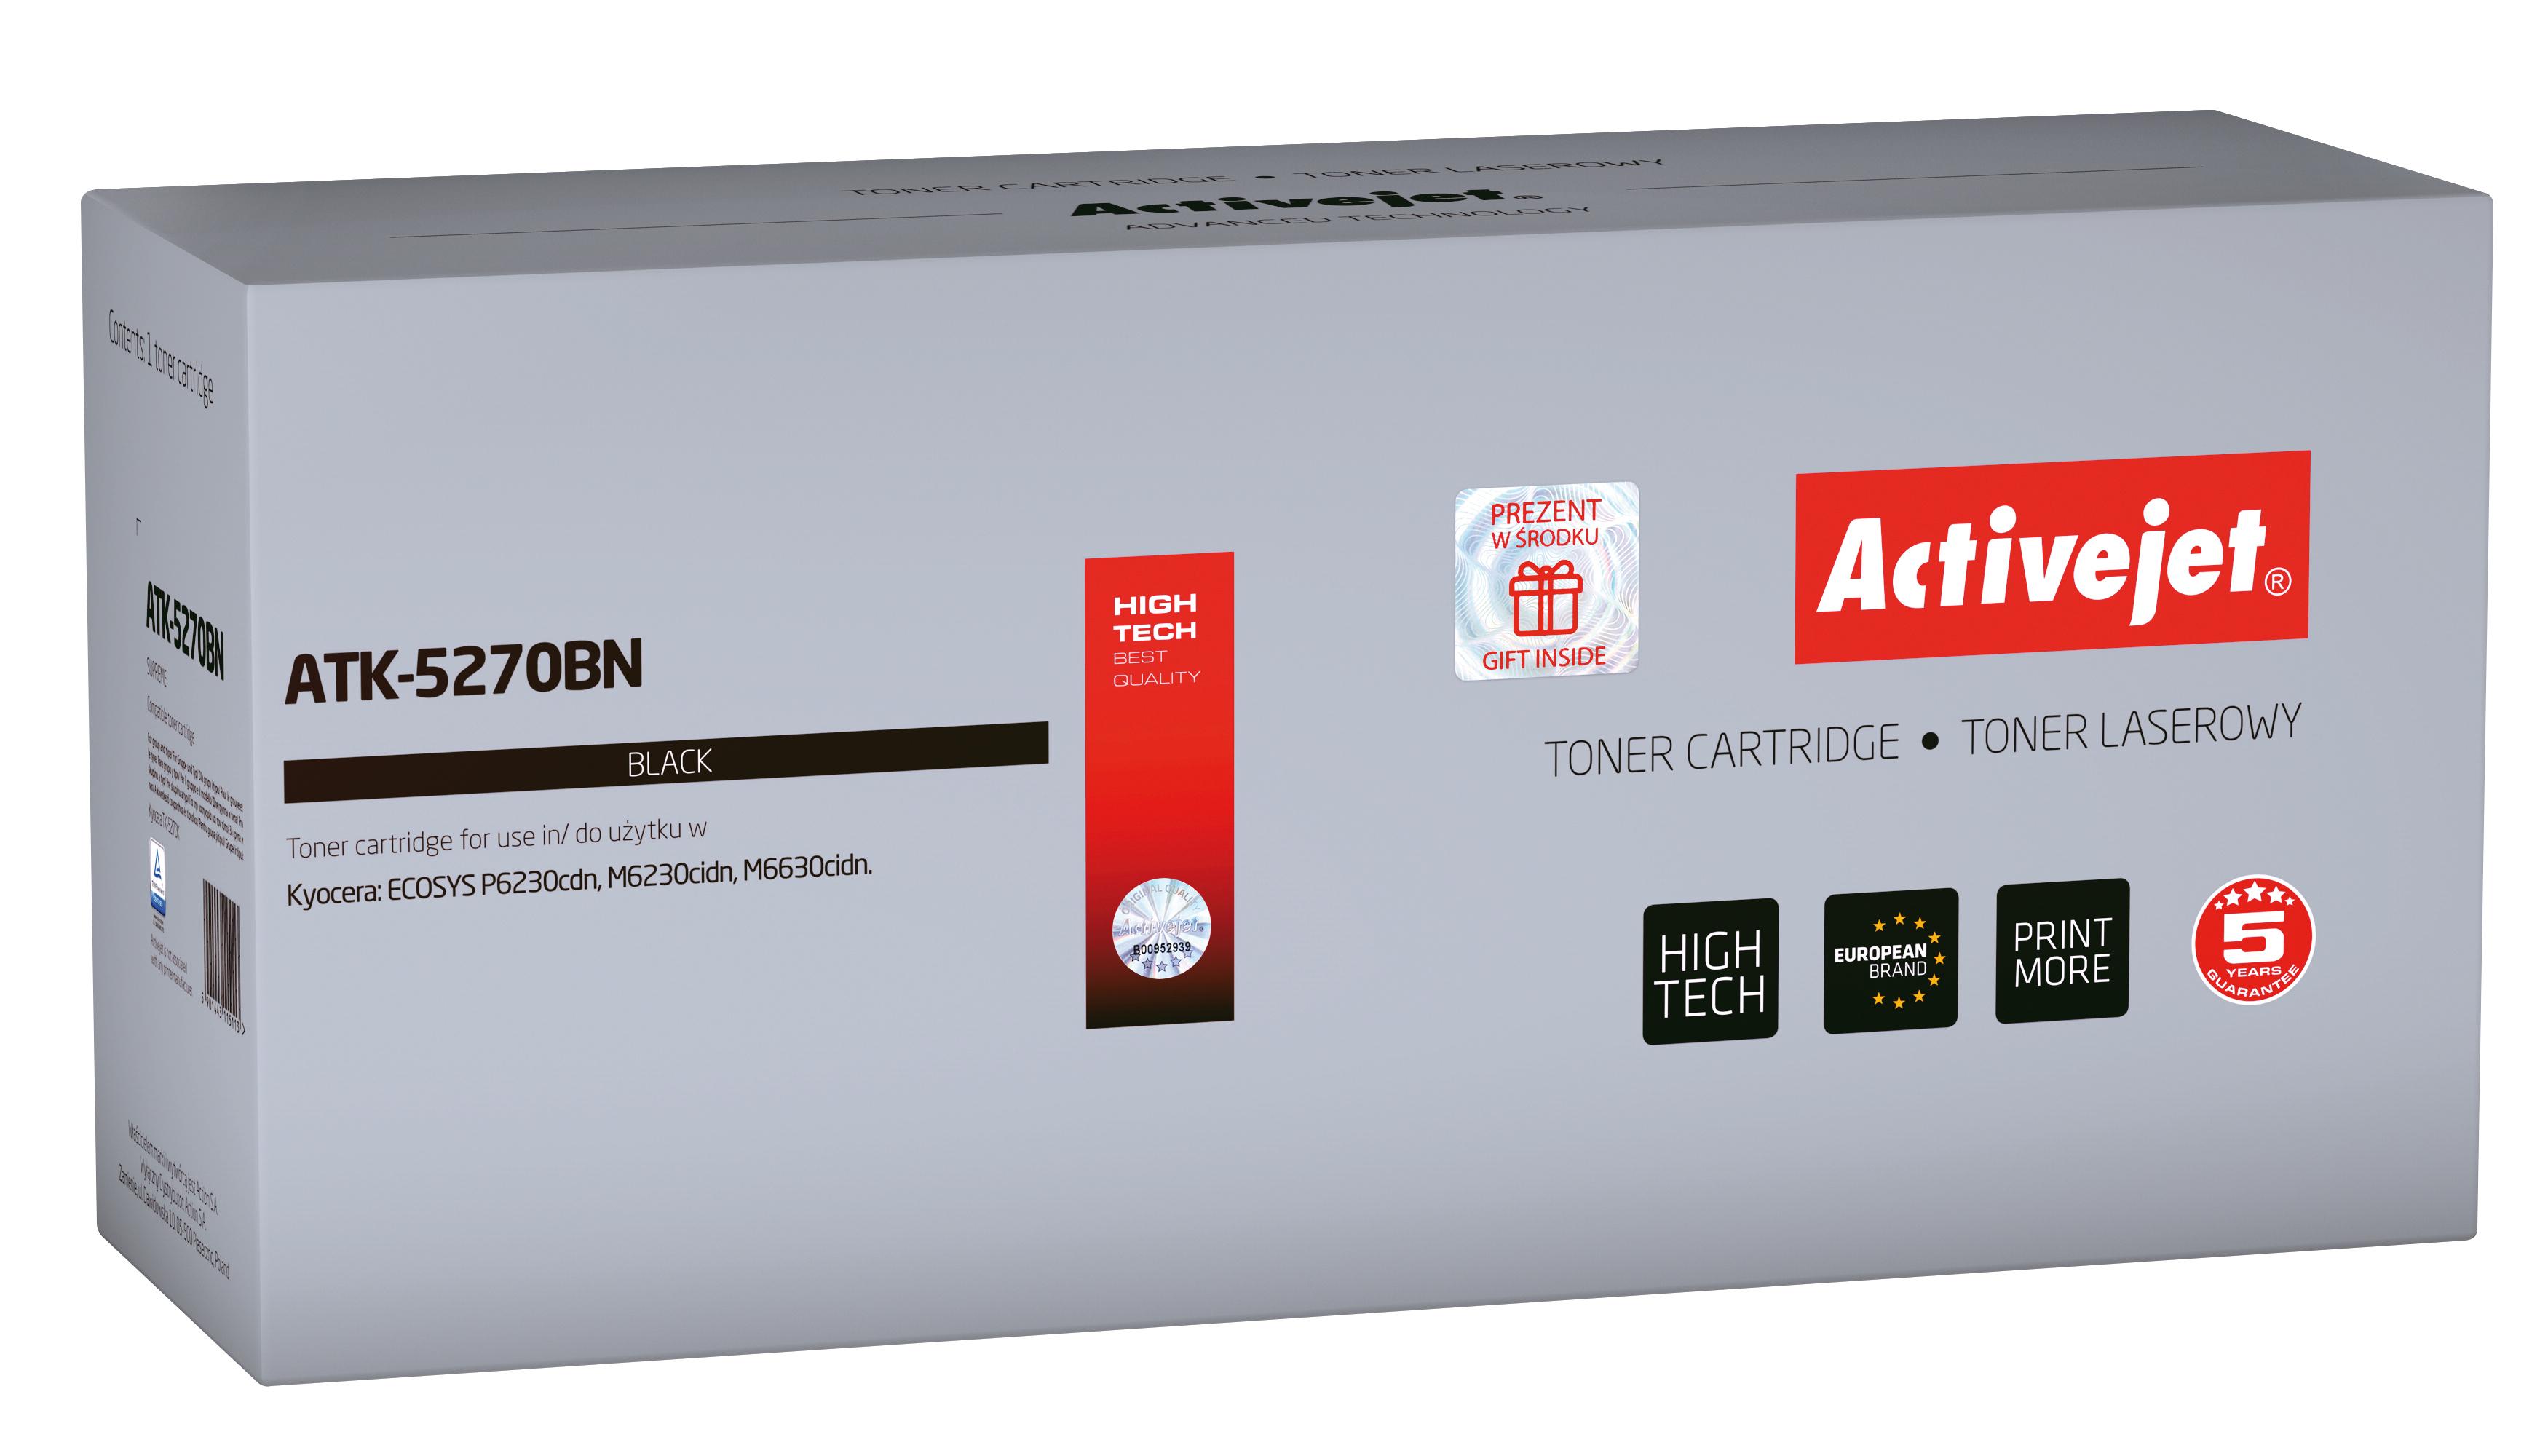 Toner Activejet  ATK-5270BN do drukarki Kyocera, Zamiennik Kyocera TK-5270K; Supreme; 8000 stron; Czarny.